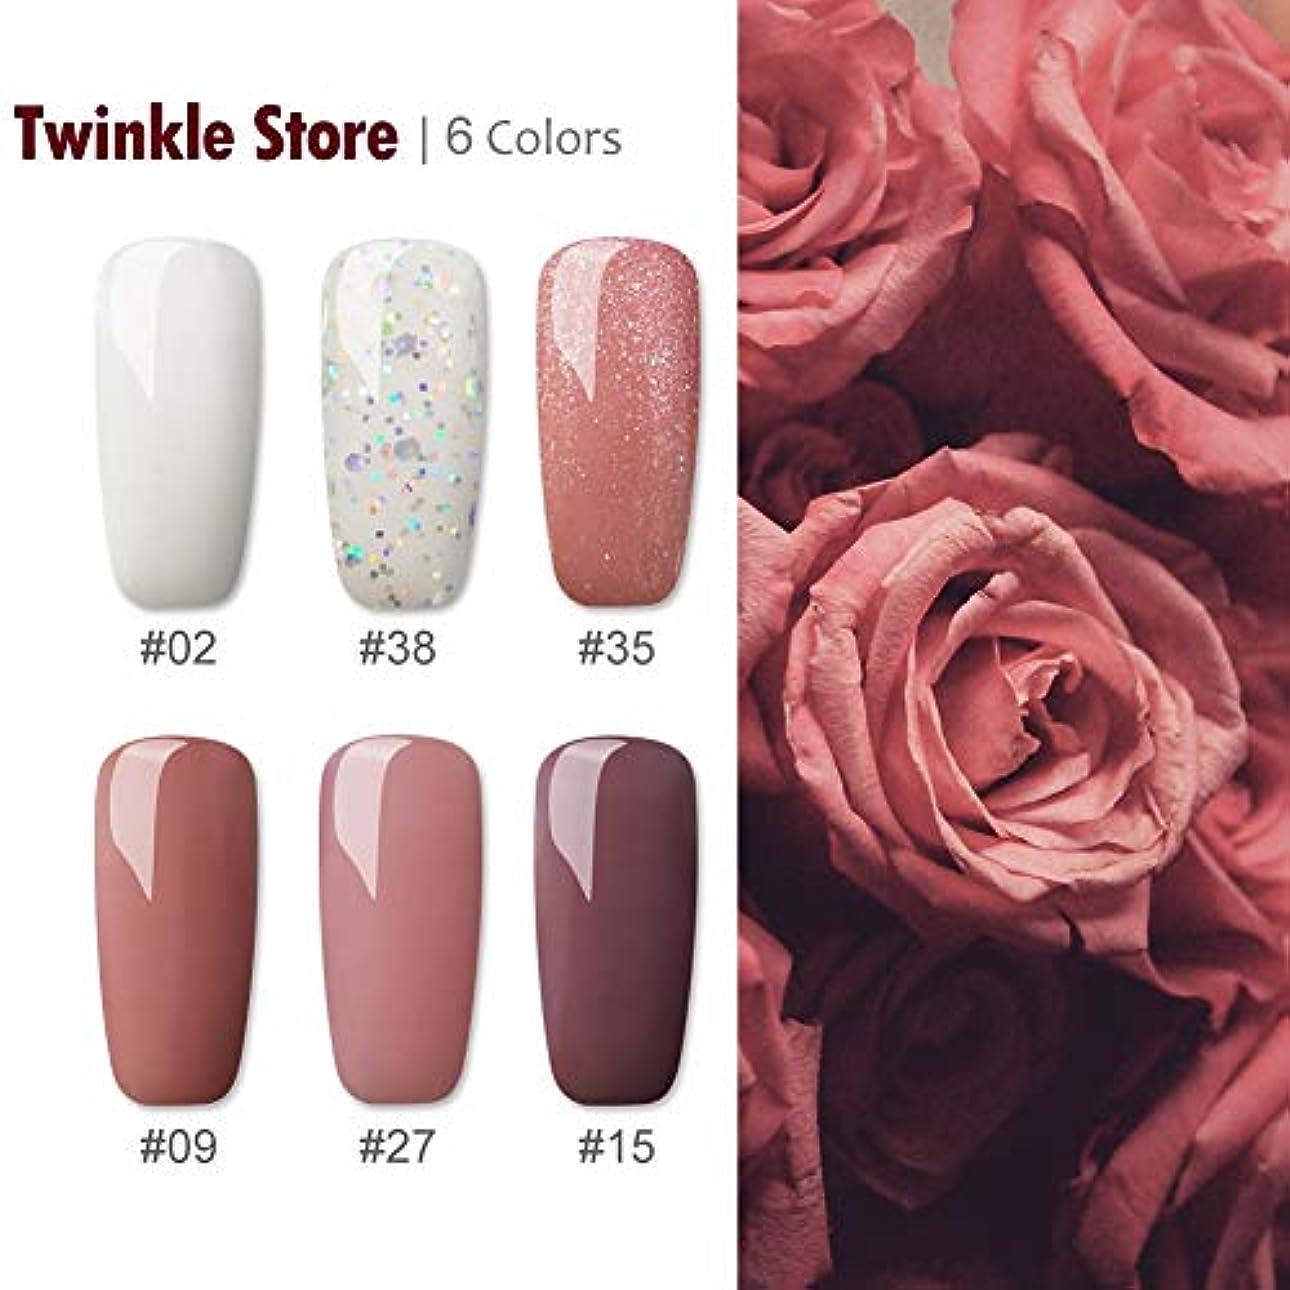 外出ミント良心的Twinkle Store ジェルネイルカラー 6カラージェルネイル カラージェル 自宅ネイル セルフネイルキット ジェルネイルキット スターターキット 6本セット